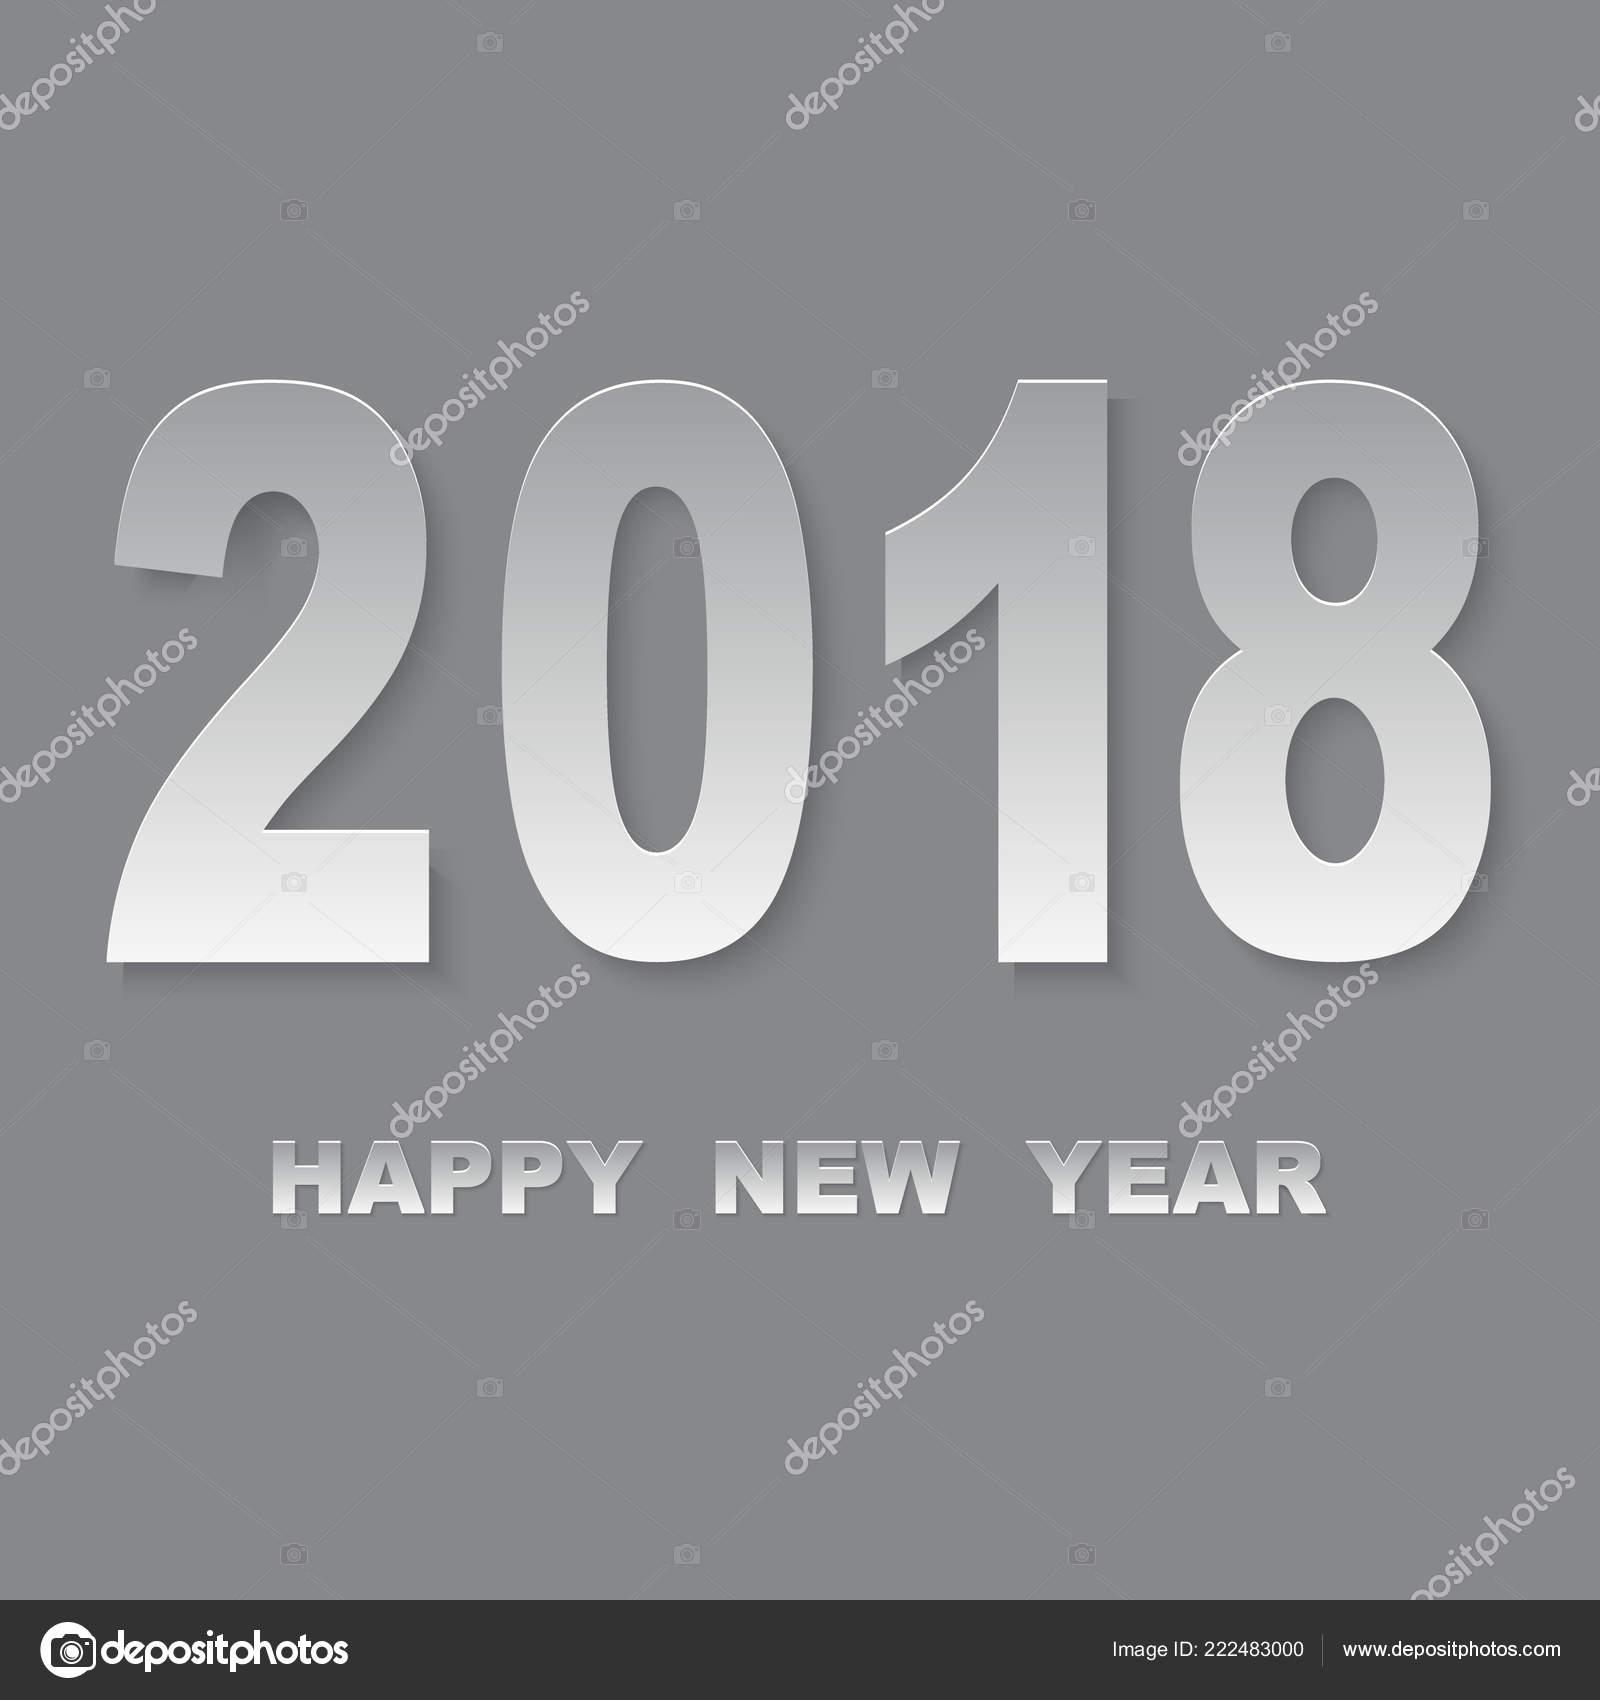 happy new year 2018 vector background vector brochure design template stock vector